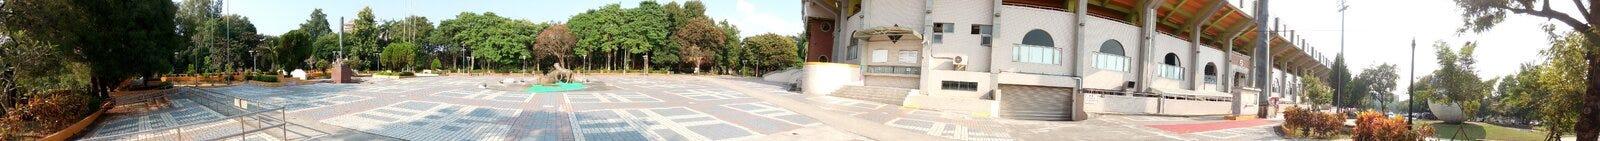 Πανόραμα - Plaza έξω από το στάδιο μπέιζ-μπώλ πόλεων Chiayi στοκ φωτογραφία με δικαίωμα ελεύθερης χρήσης